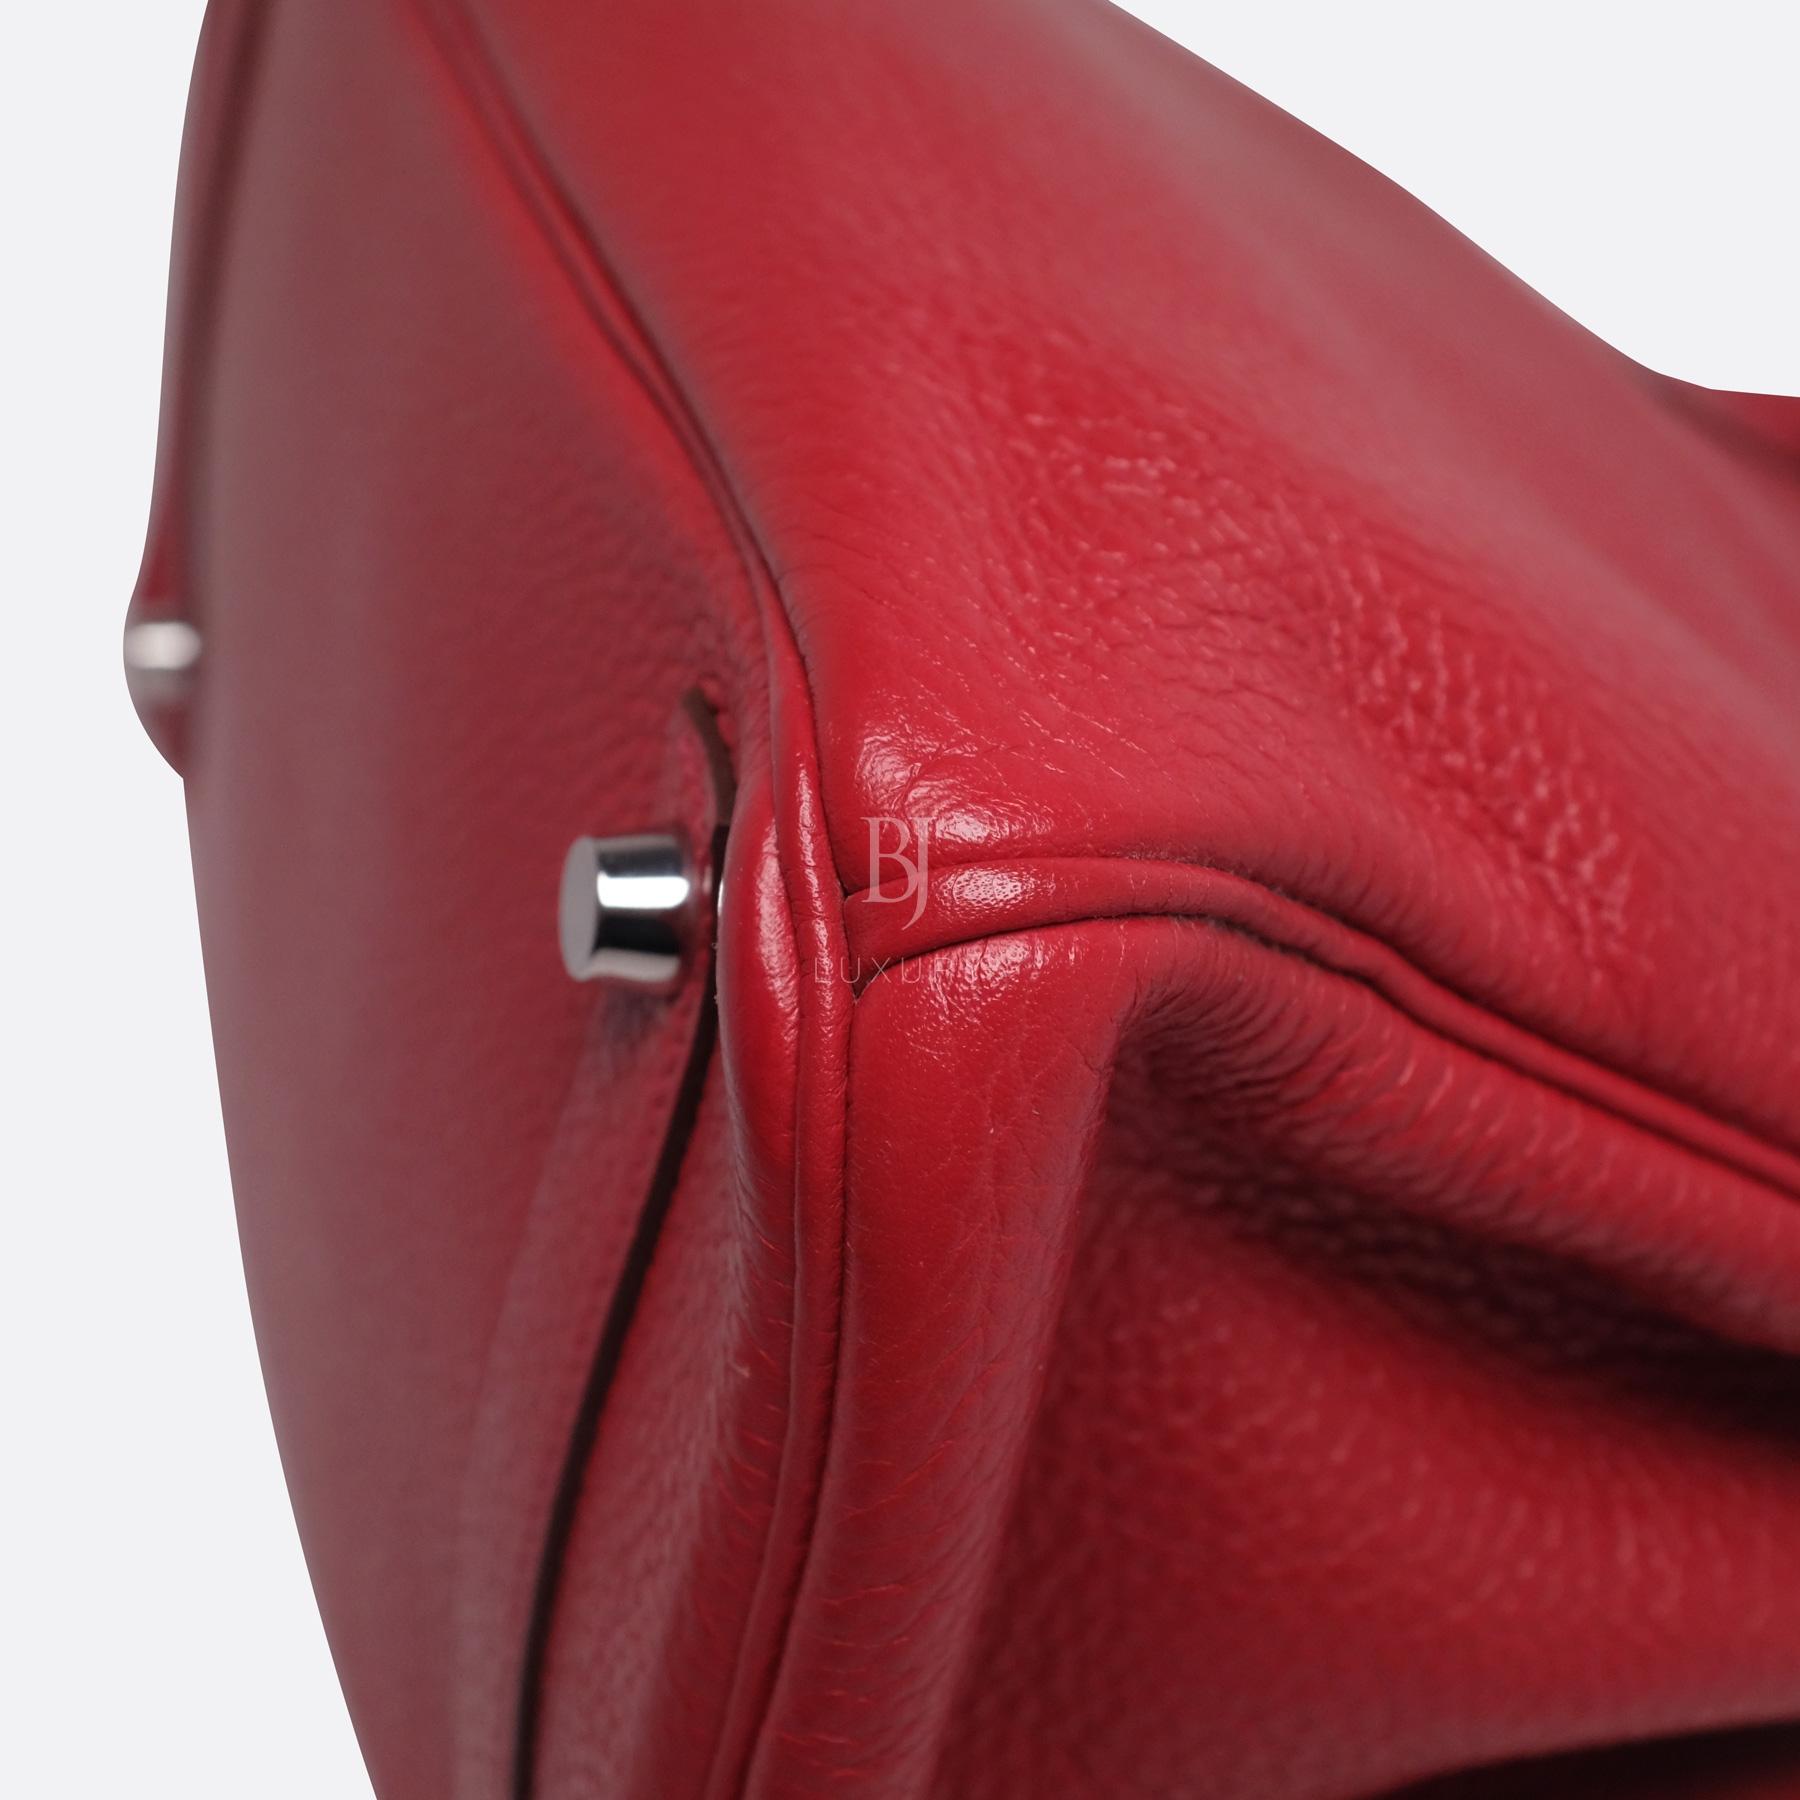 Hermes Birkin 30 Rouge Casaque Clemence Palladium BJ Luxury 18.jpg